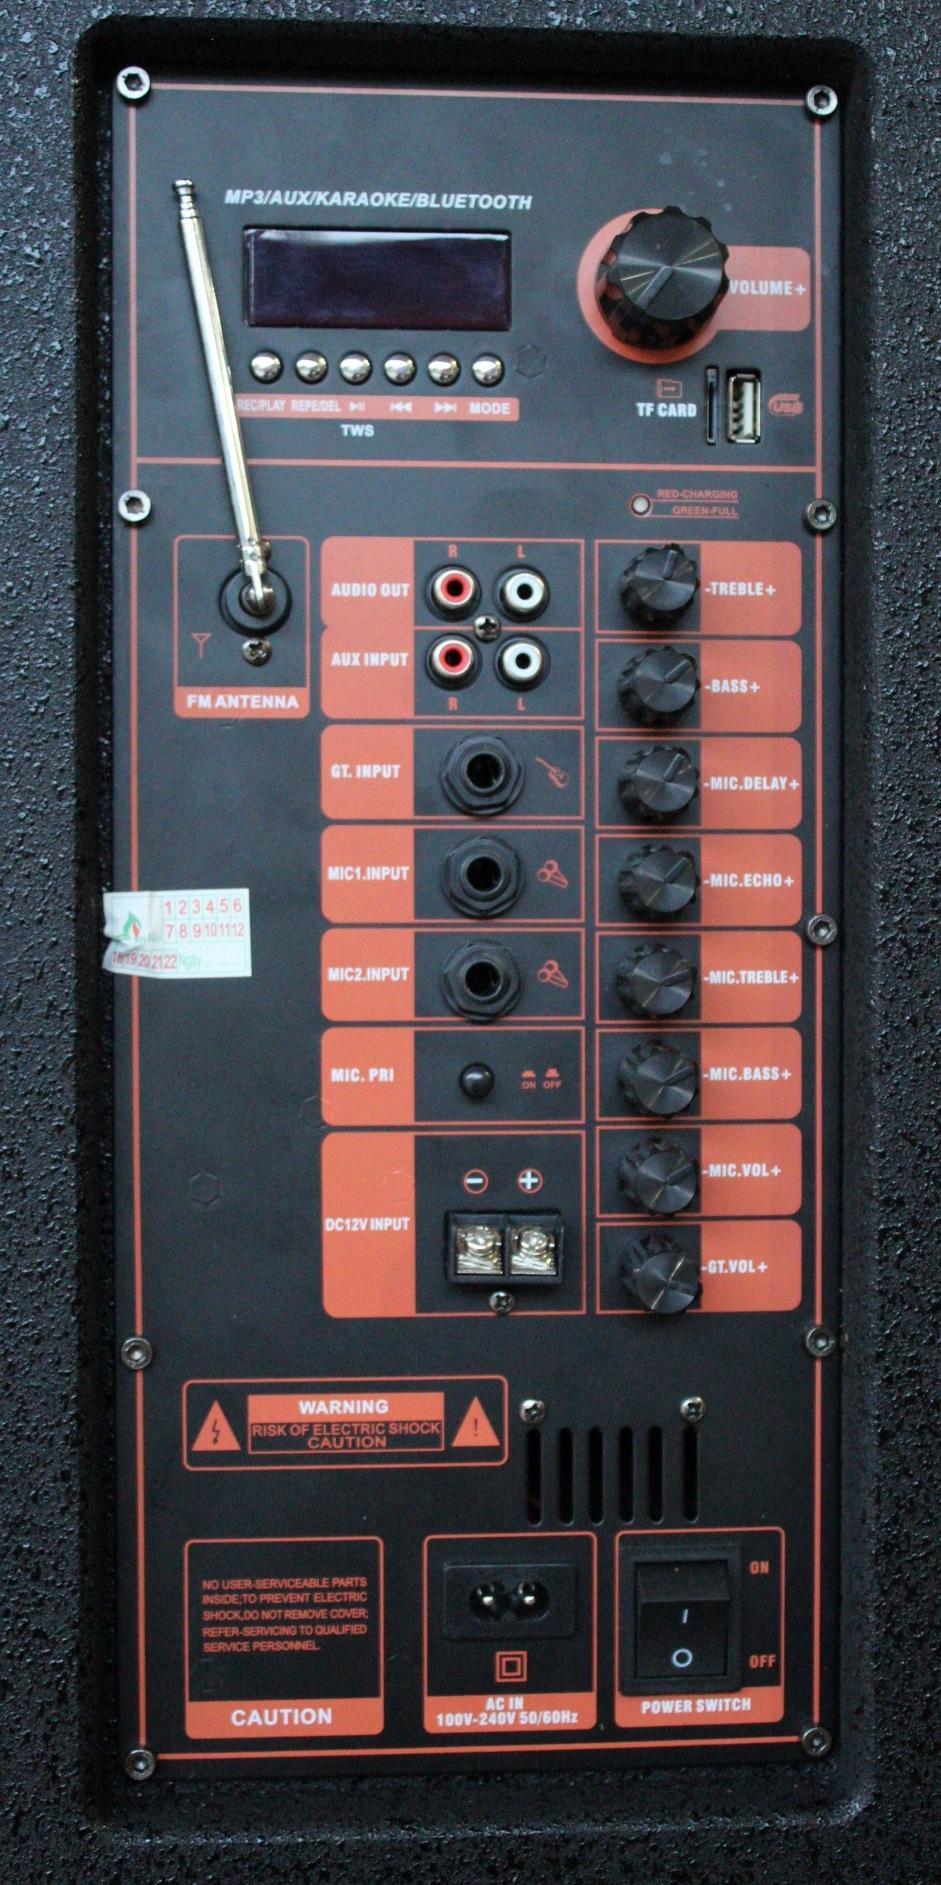 Loa Kéo Di Động Karaoke Bass 40 BMD LK-40B1 (800W) 4 Tấc - Chính Hãng